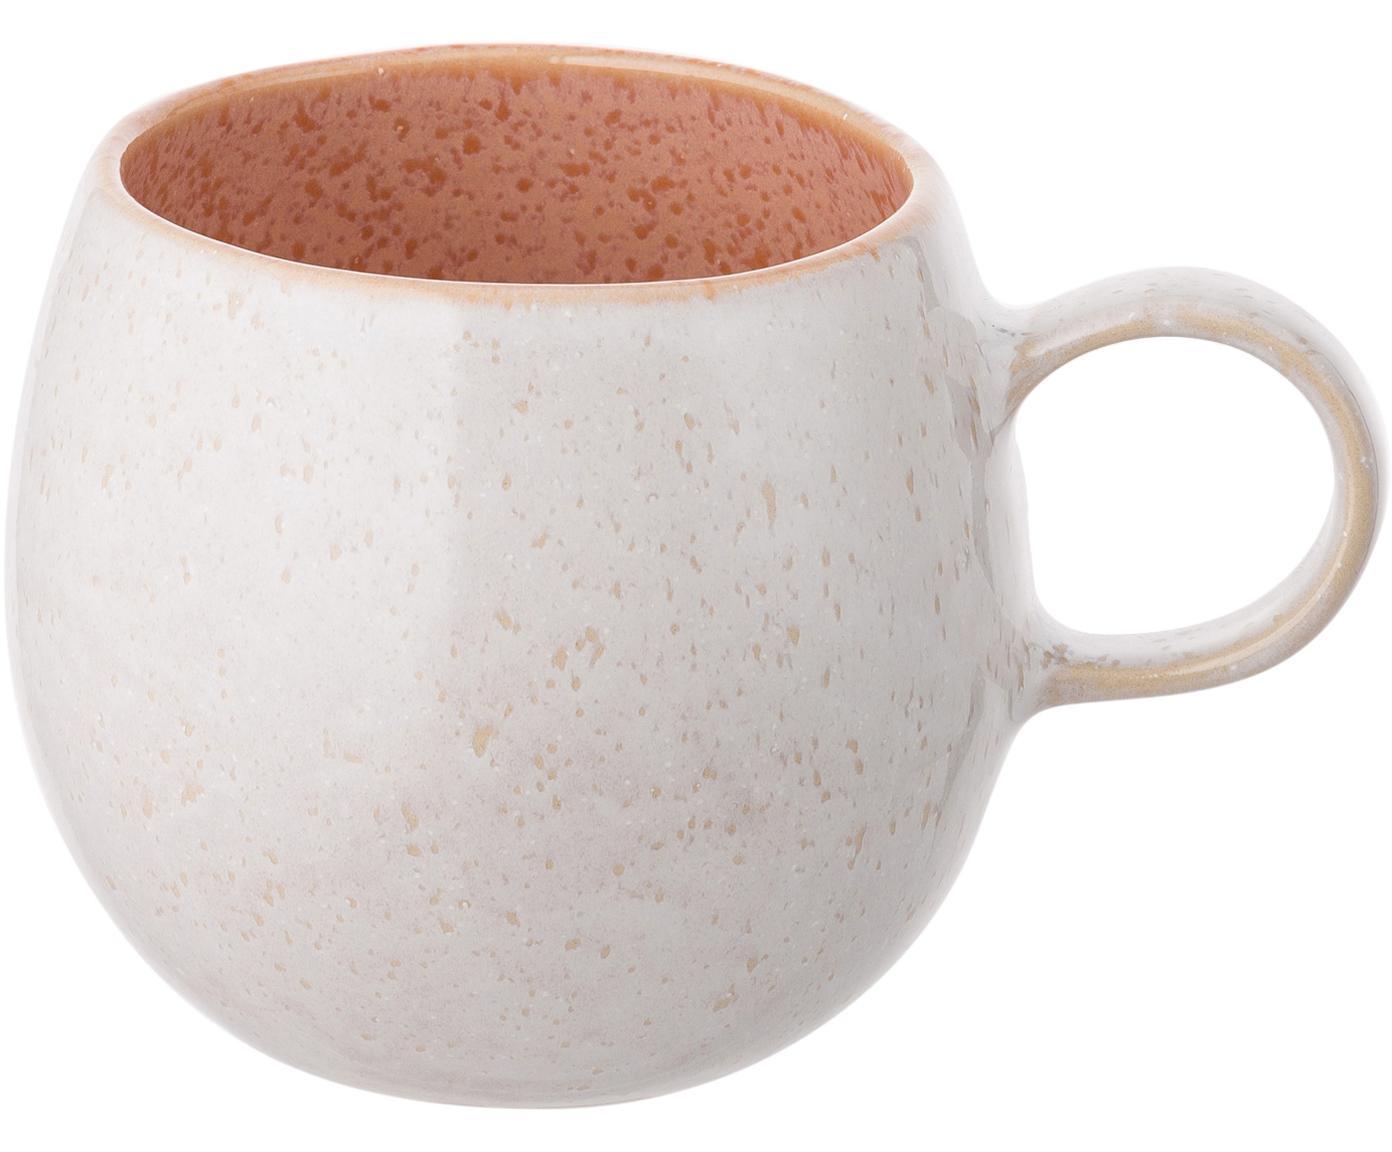 Tazas de té pintadas a mano Areia, 2uds., Gres, Tonos rojos, blanco crudo, beige claro, Ø 9 x Al 10 cm